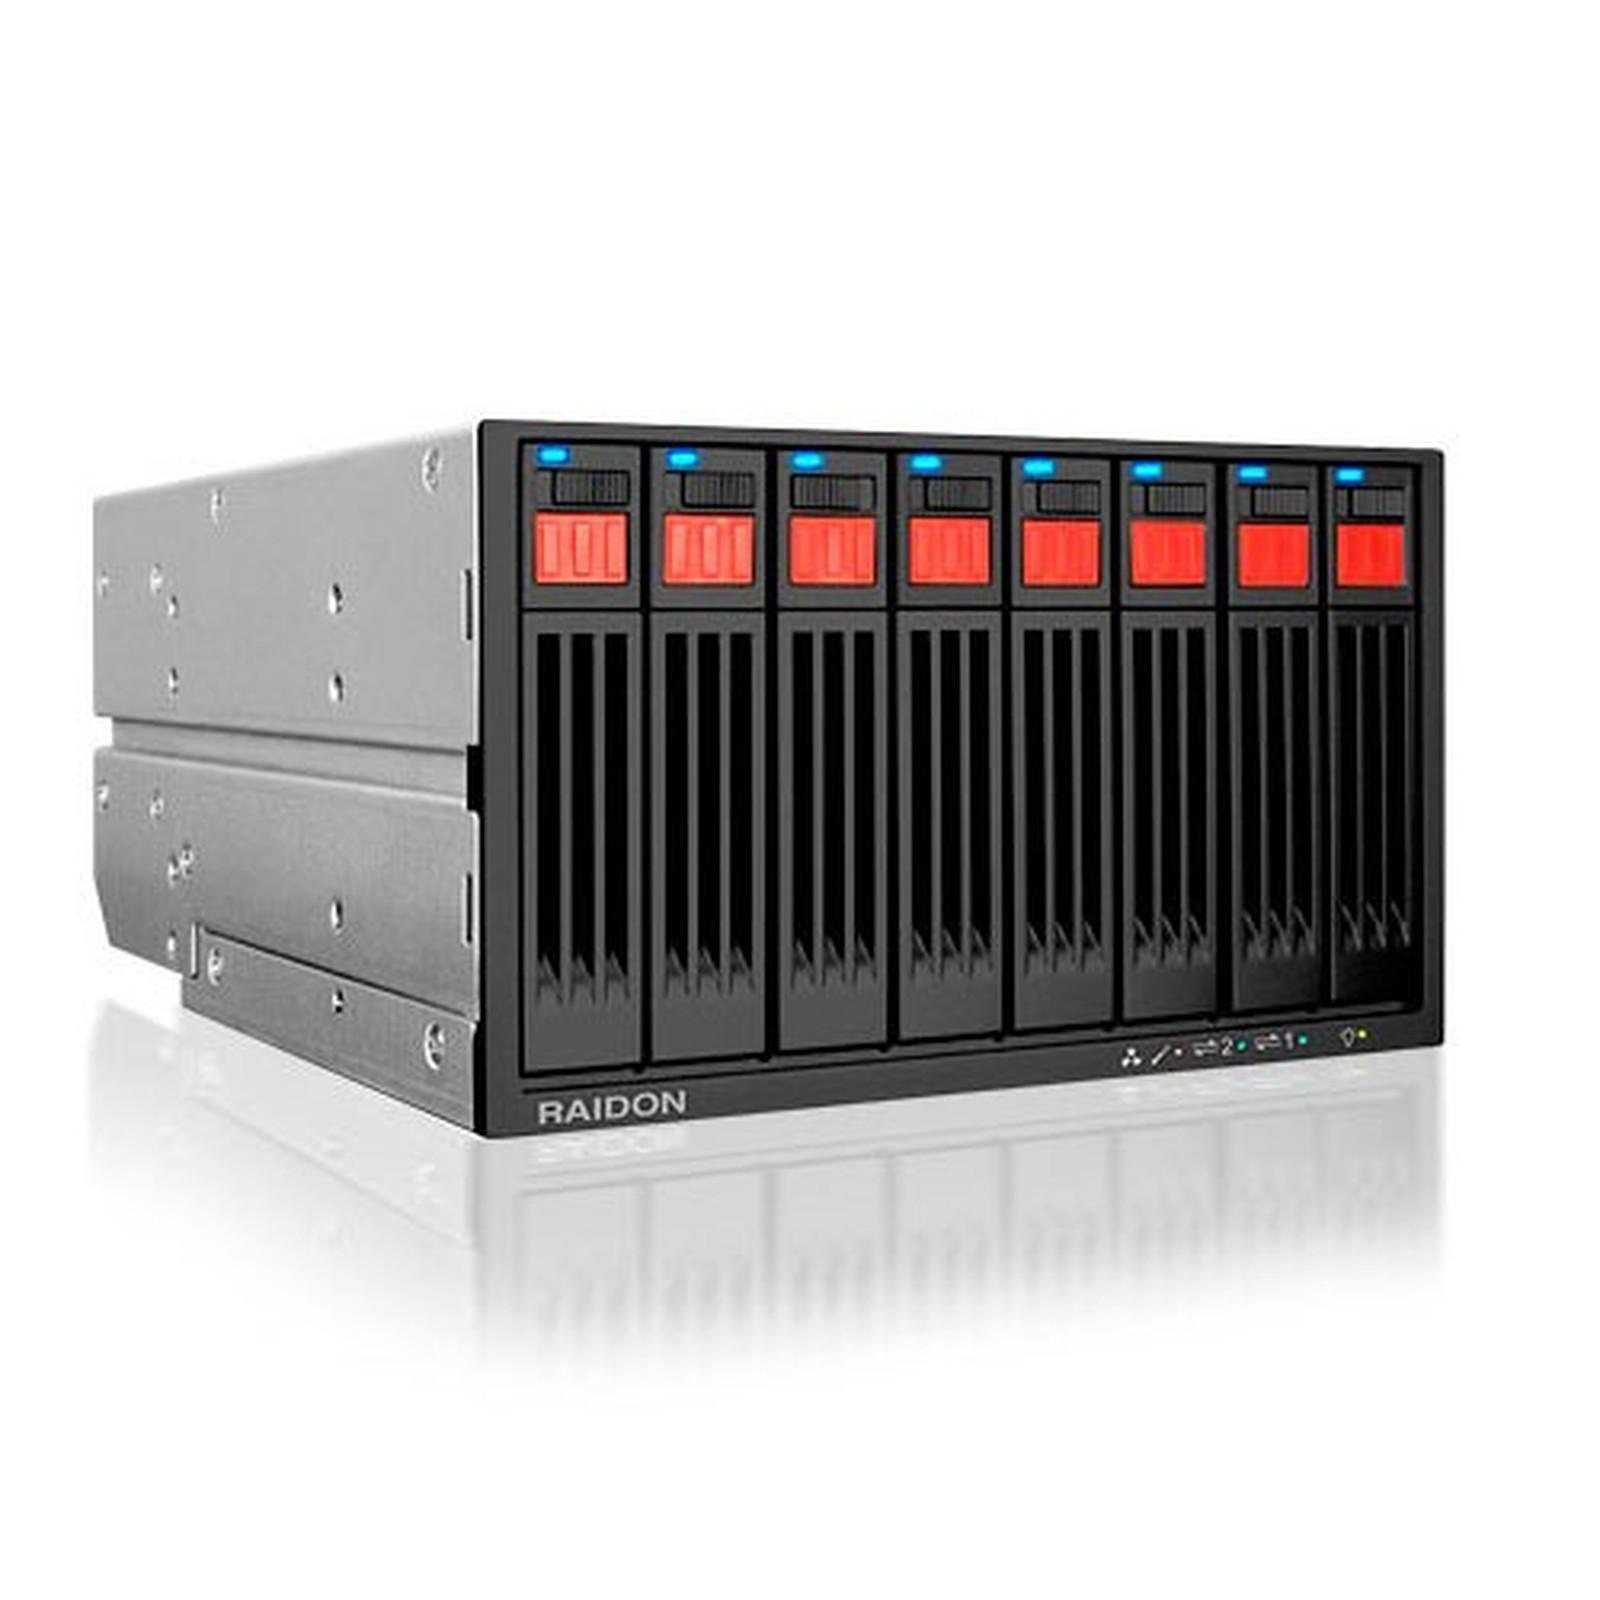 RAIDON iS2880-8S-S2D